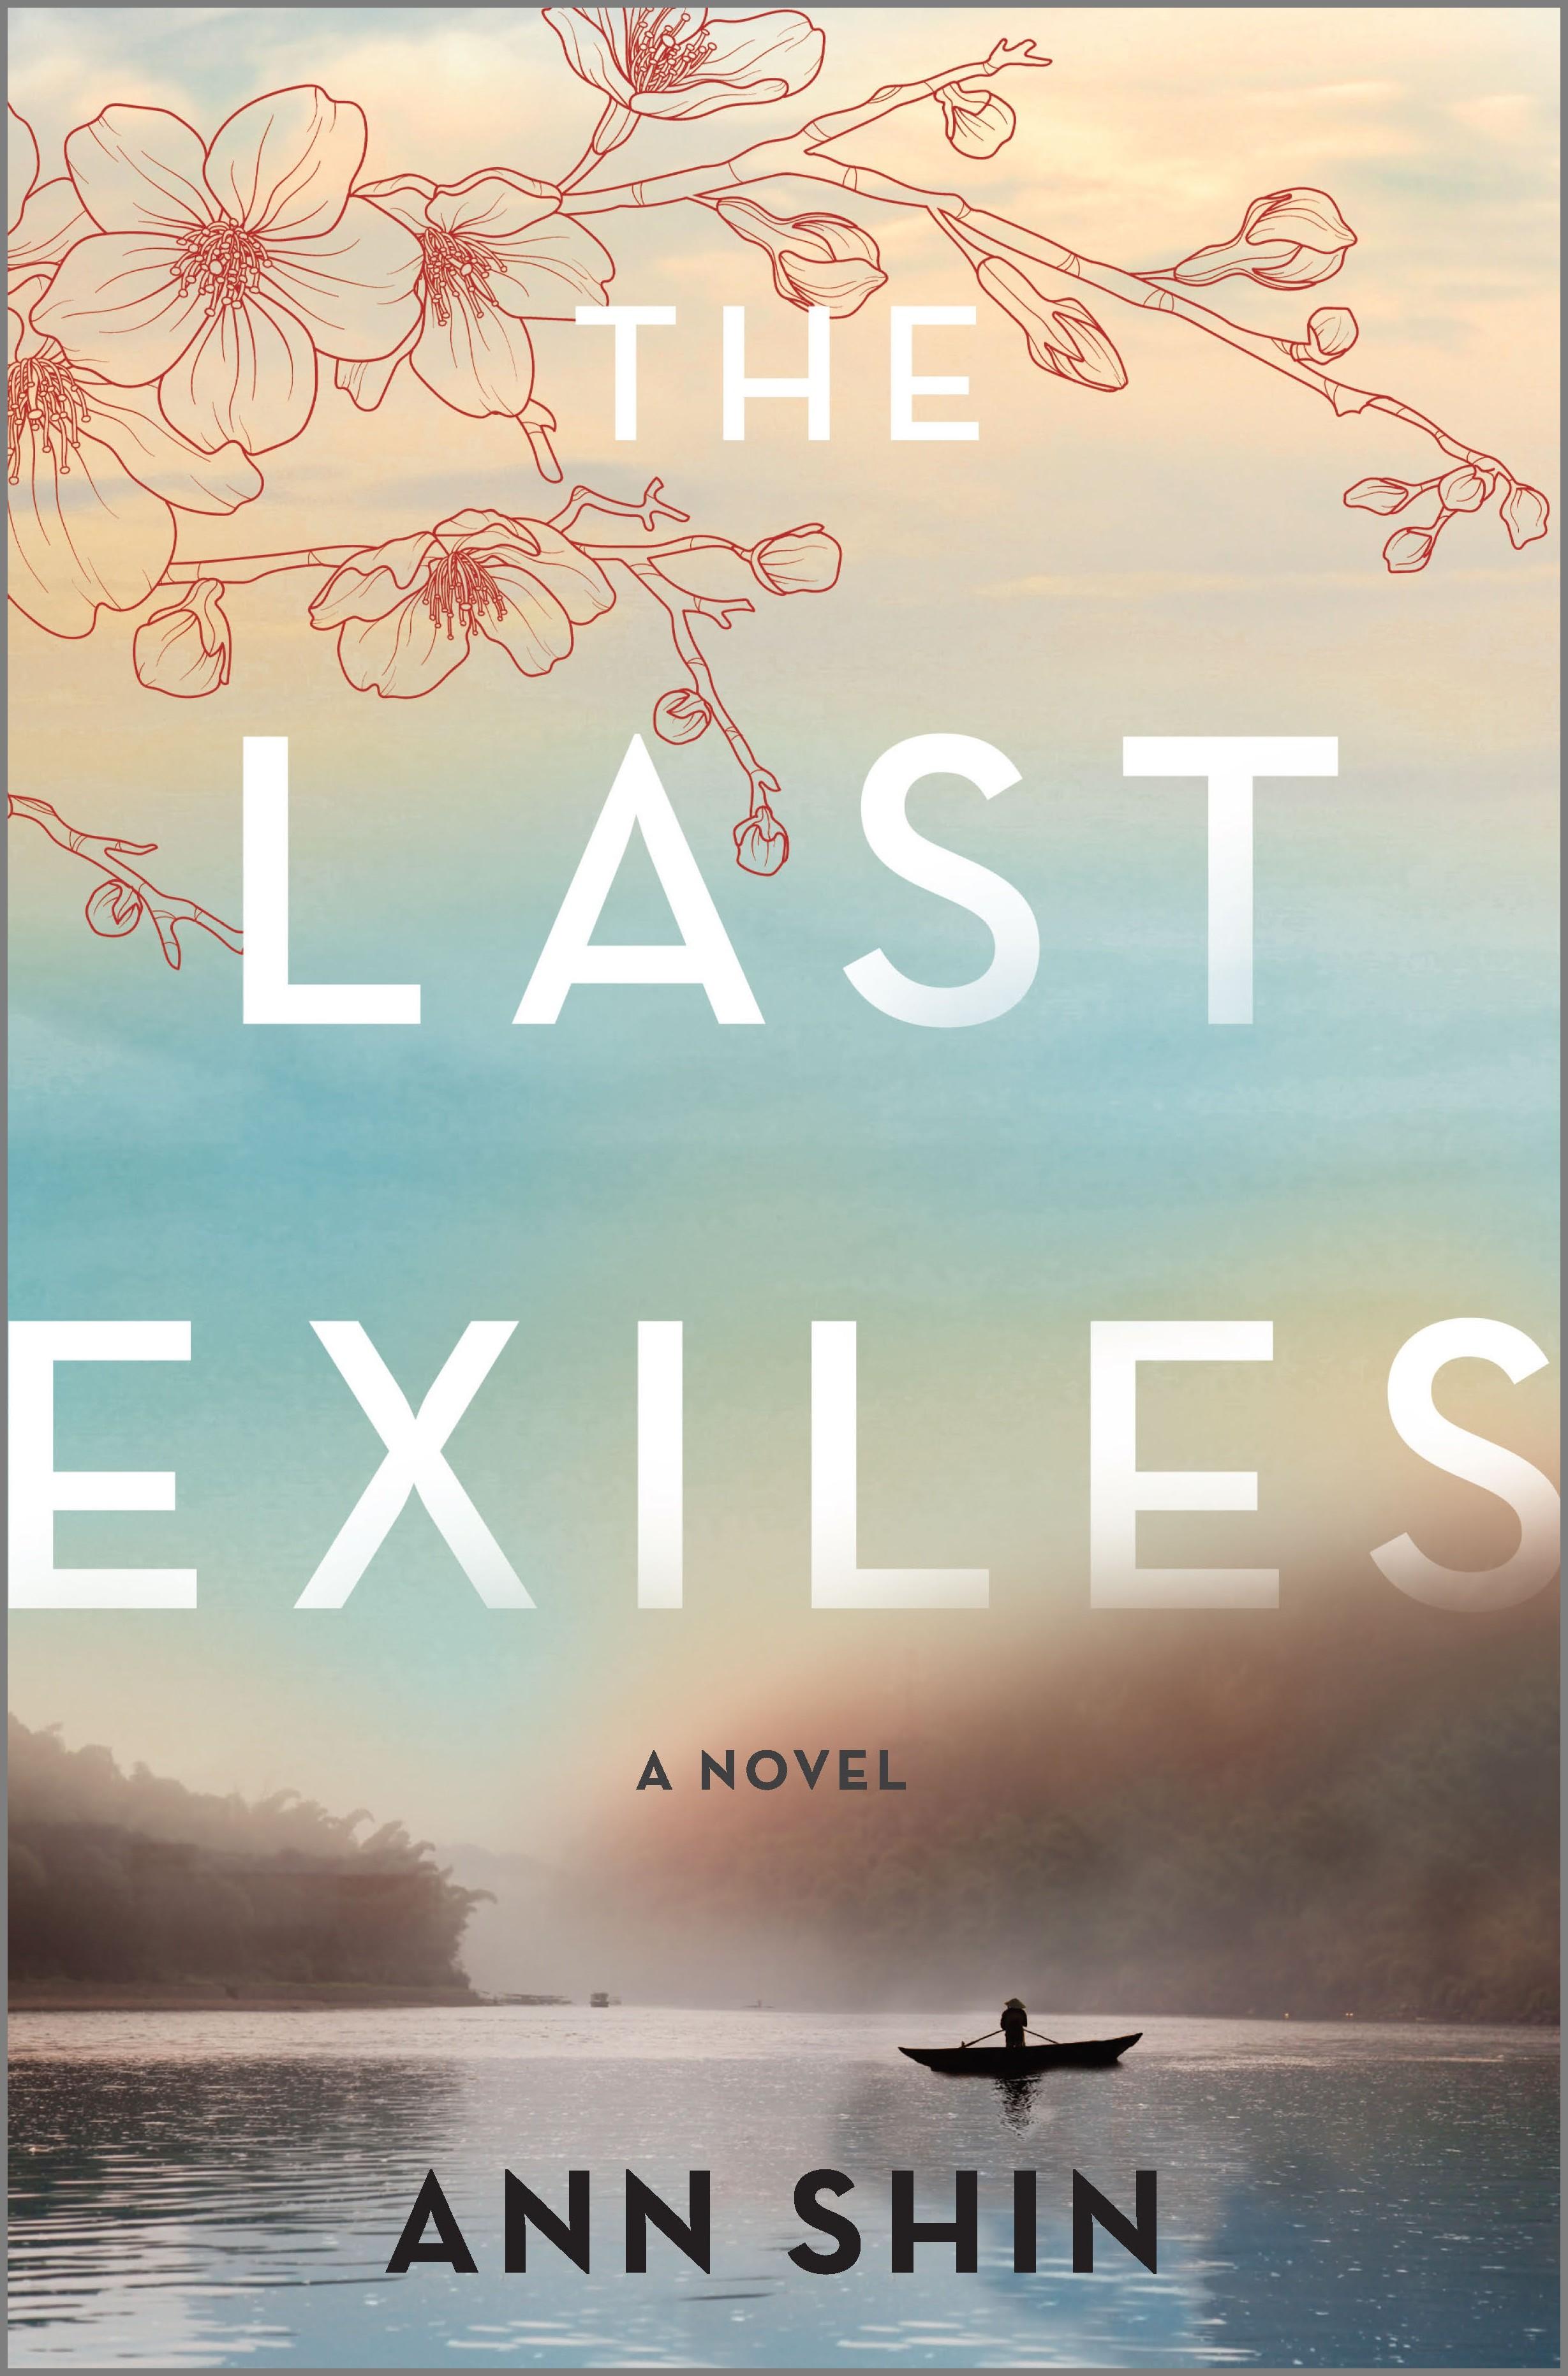 The Last Exiles A Novel